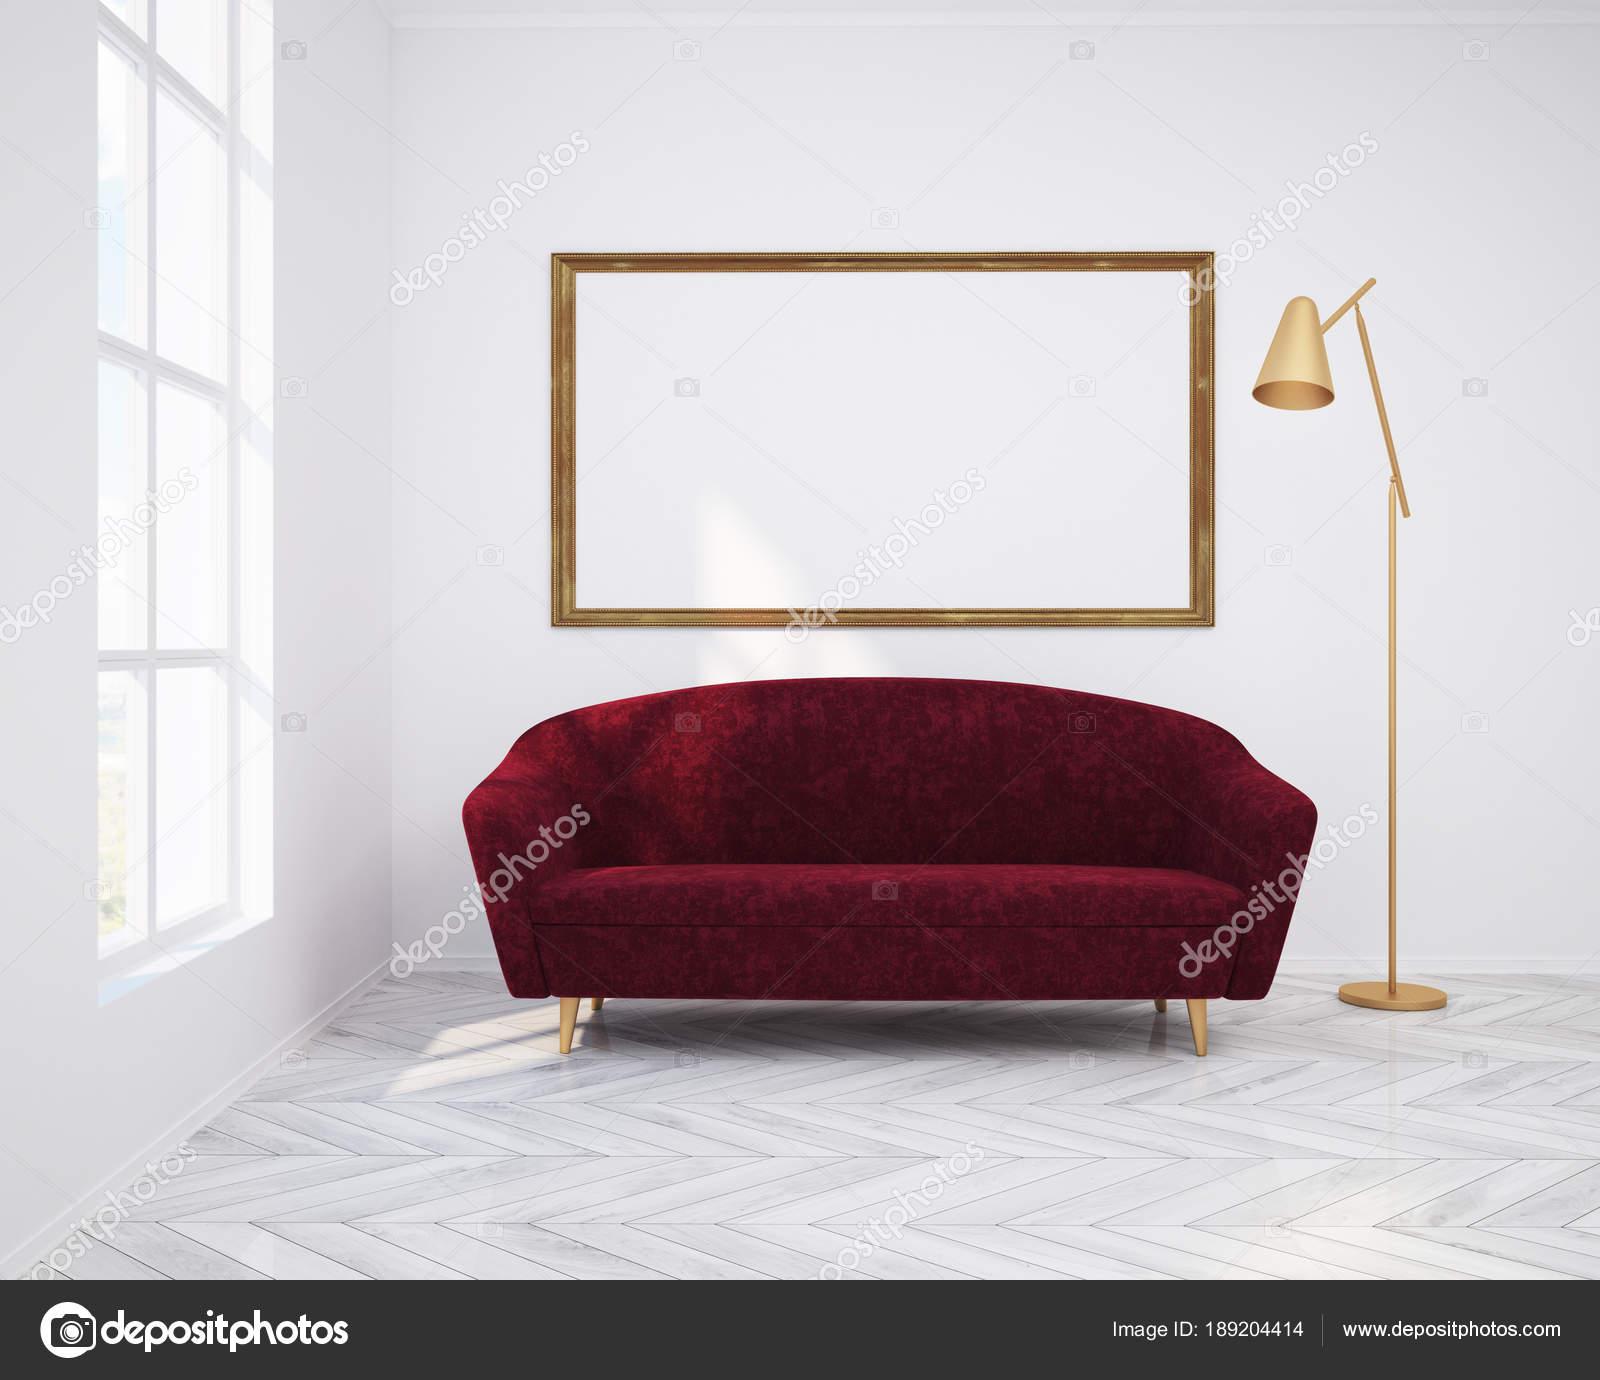 Cartel, sofá y salón blanco interior — Foto de stock ...